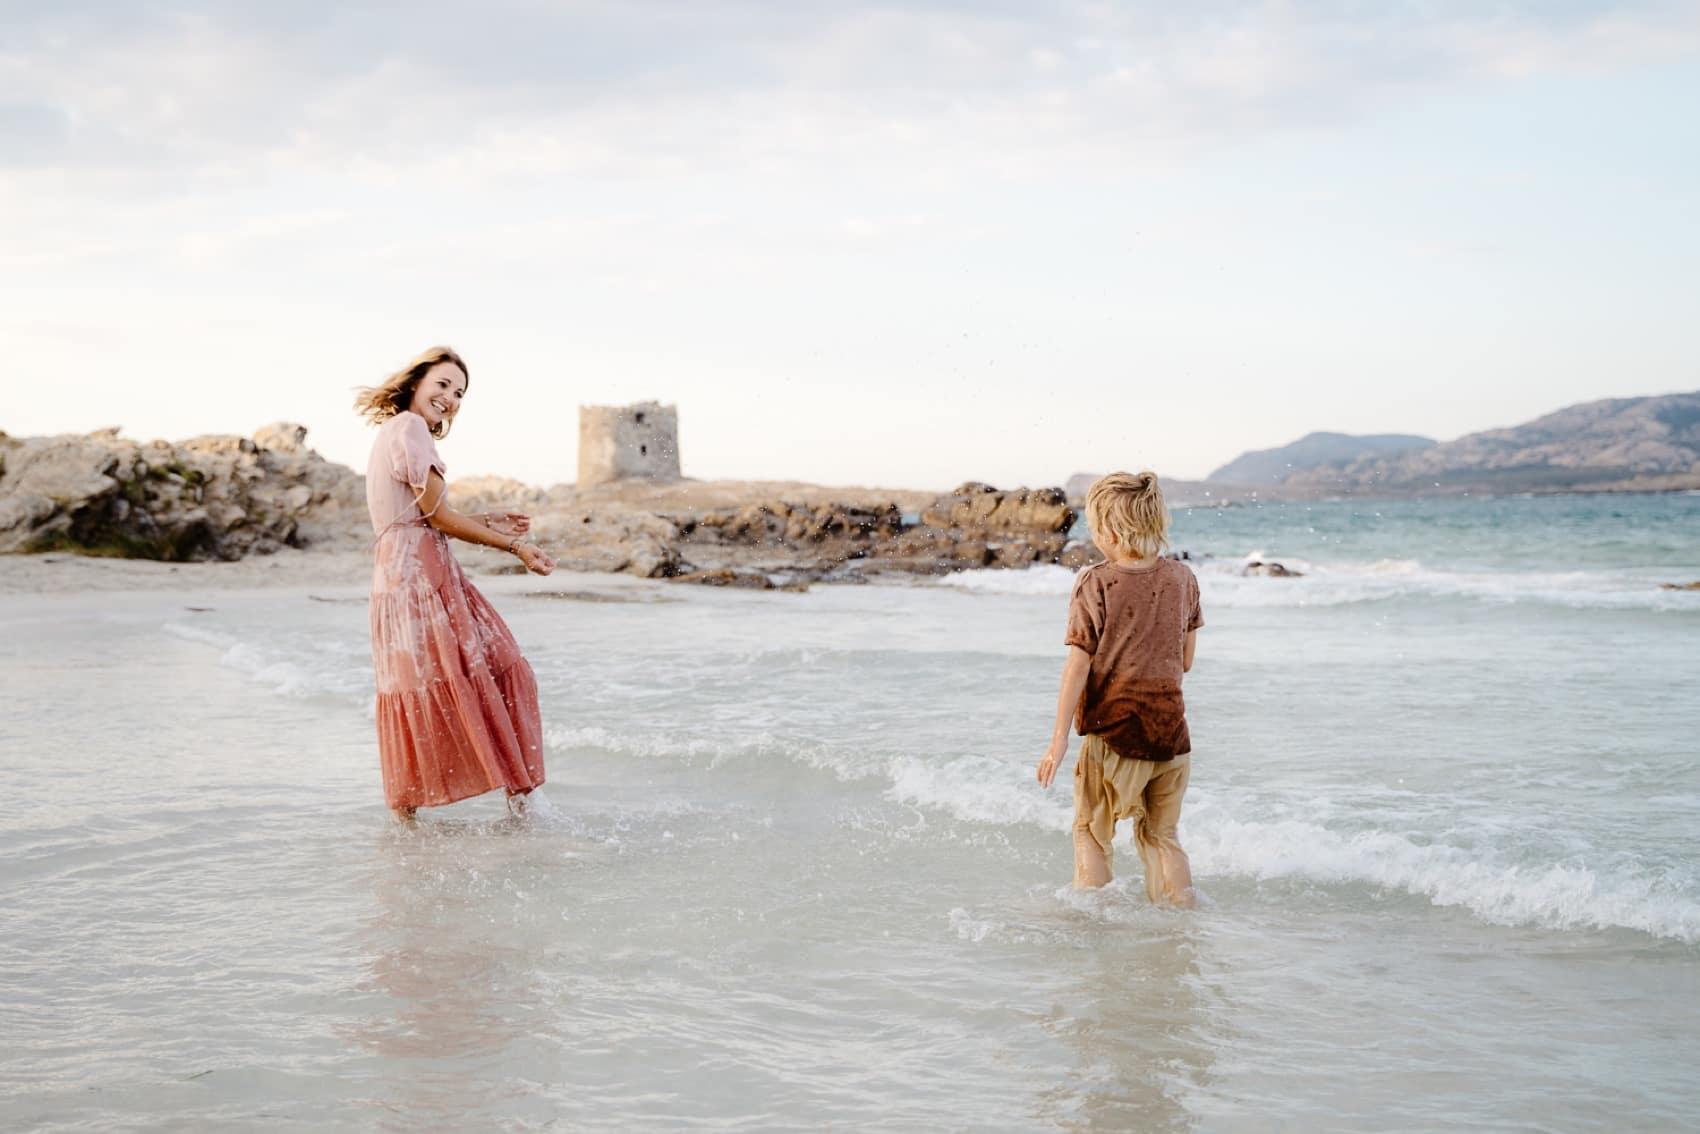 foto in spiaggia sardegna famiglia   Stintino